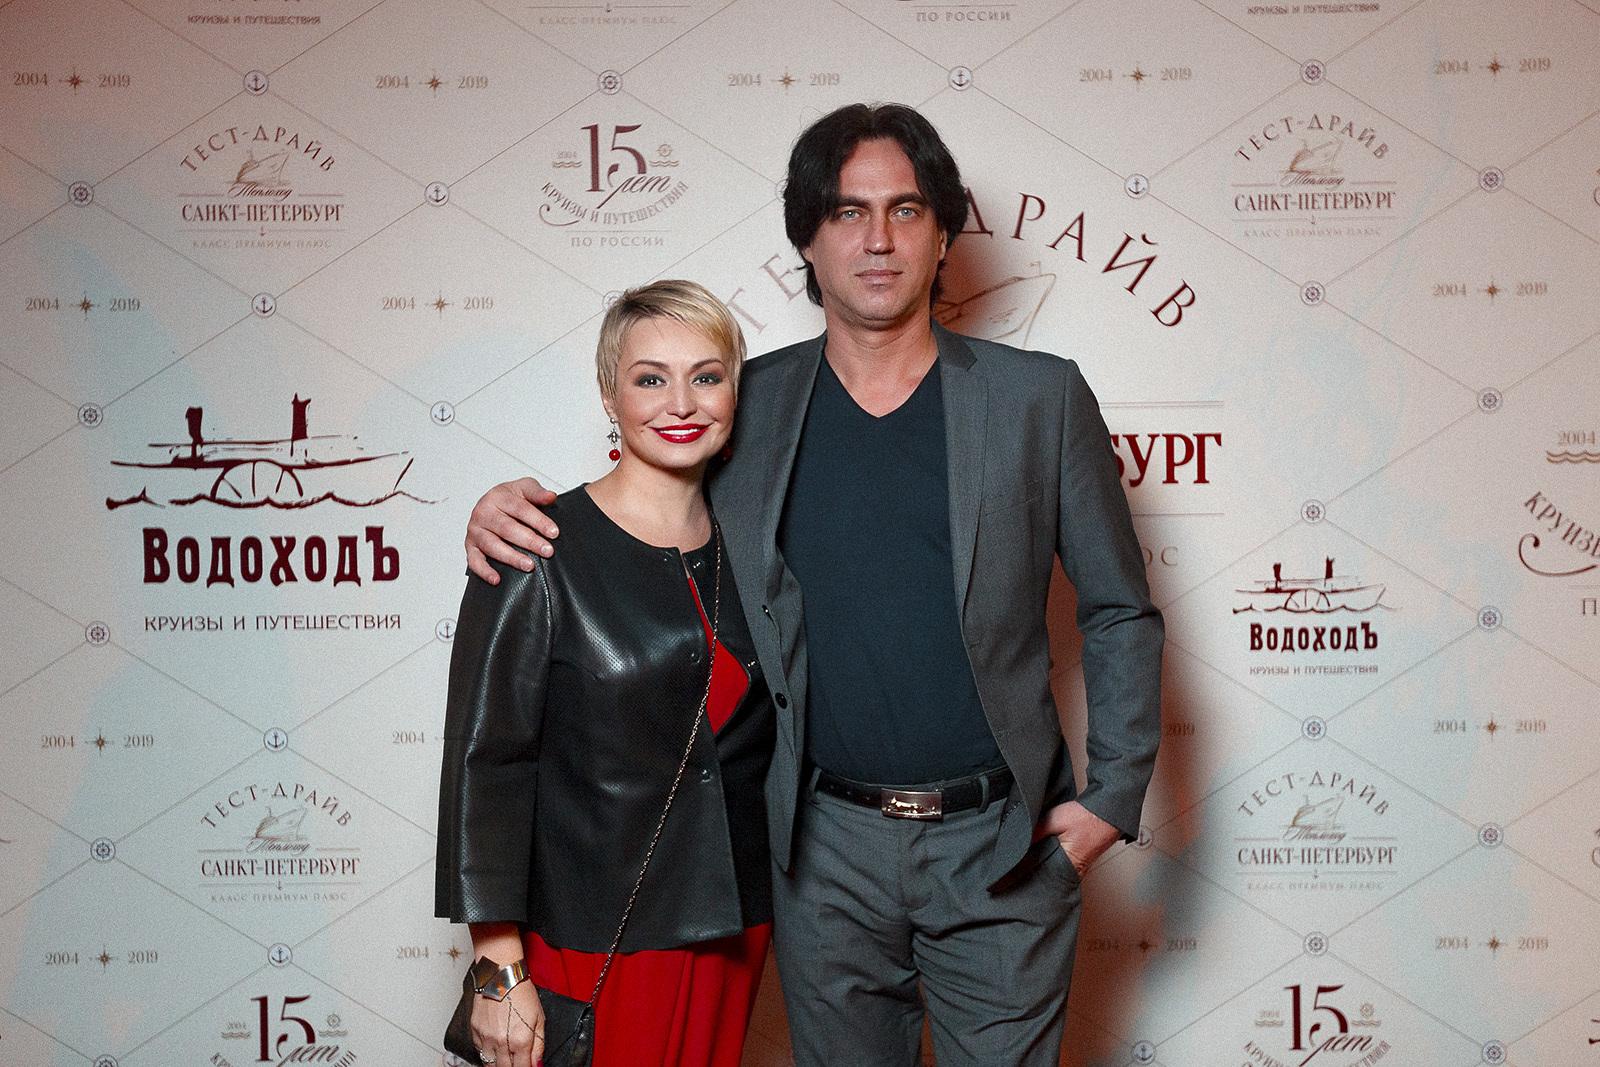 Катя Лель высказалась о романе с Константином Хабенским и рождении от него ребенка